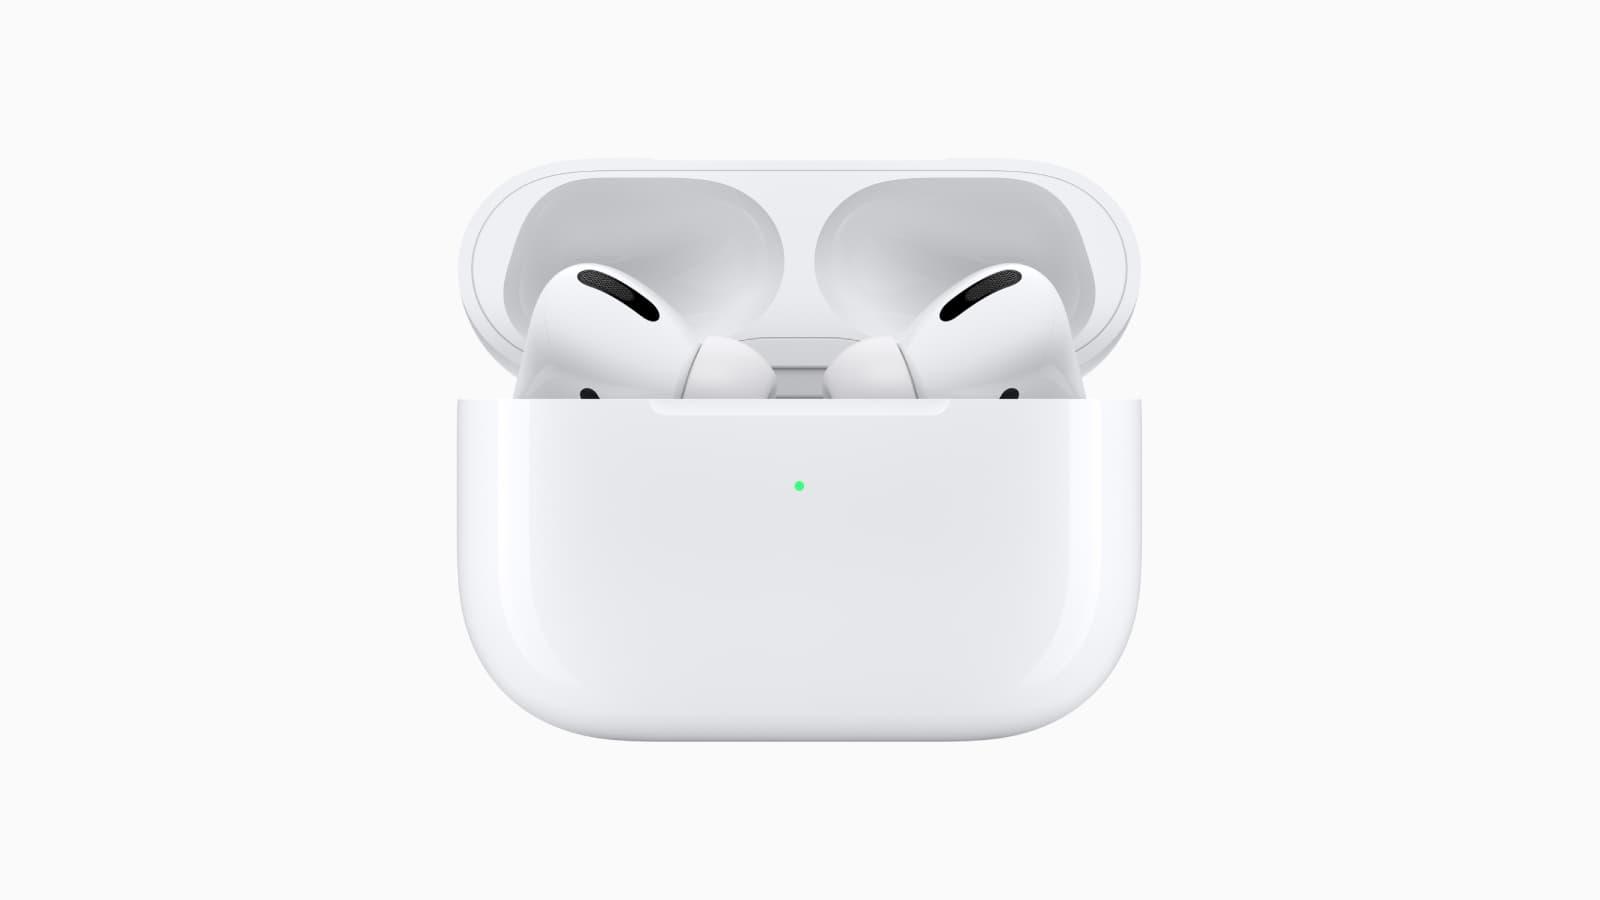 Profitez d'une réduction de 50€ sur les AirPods Pro d'Apple